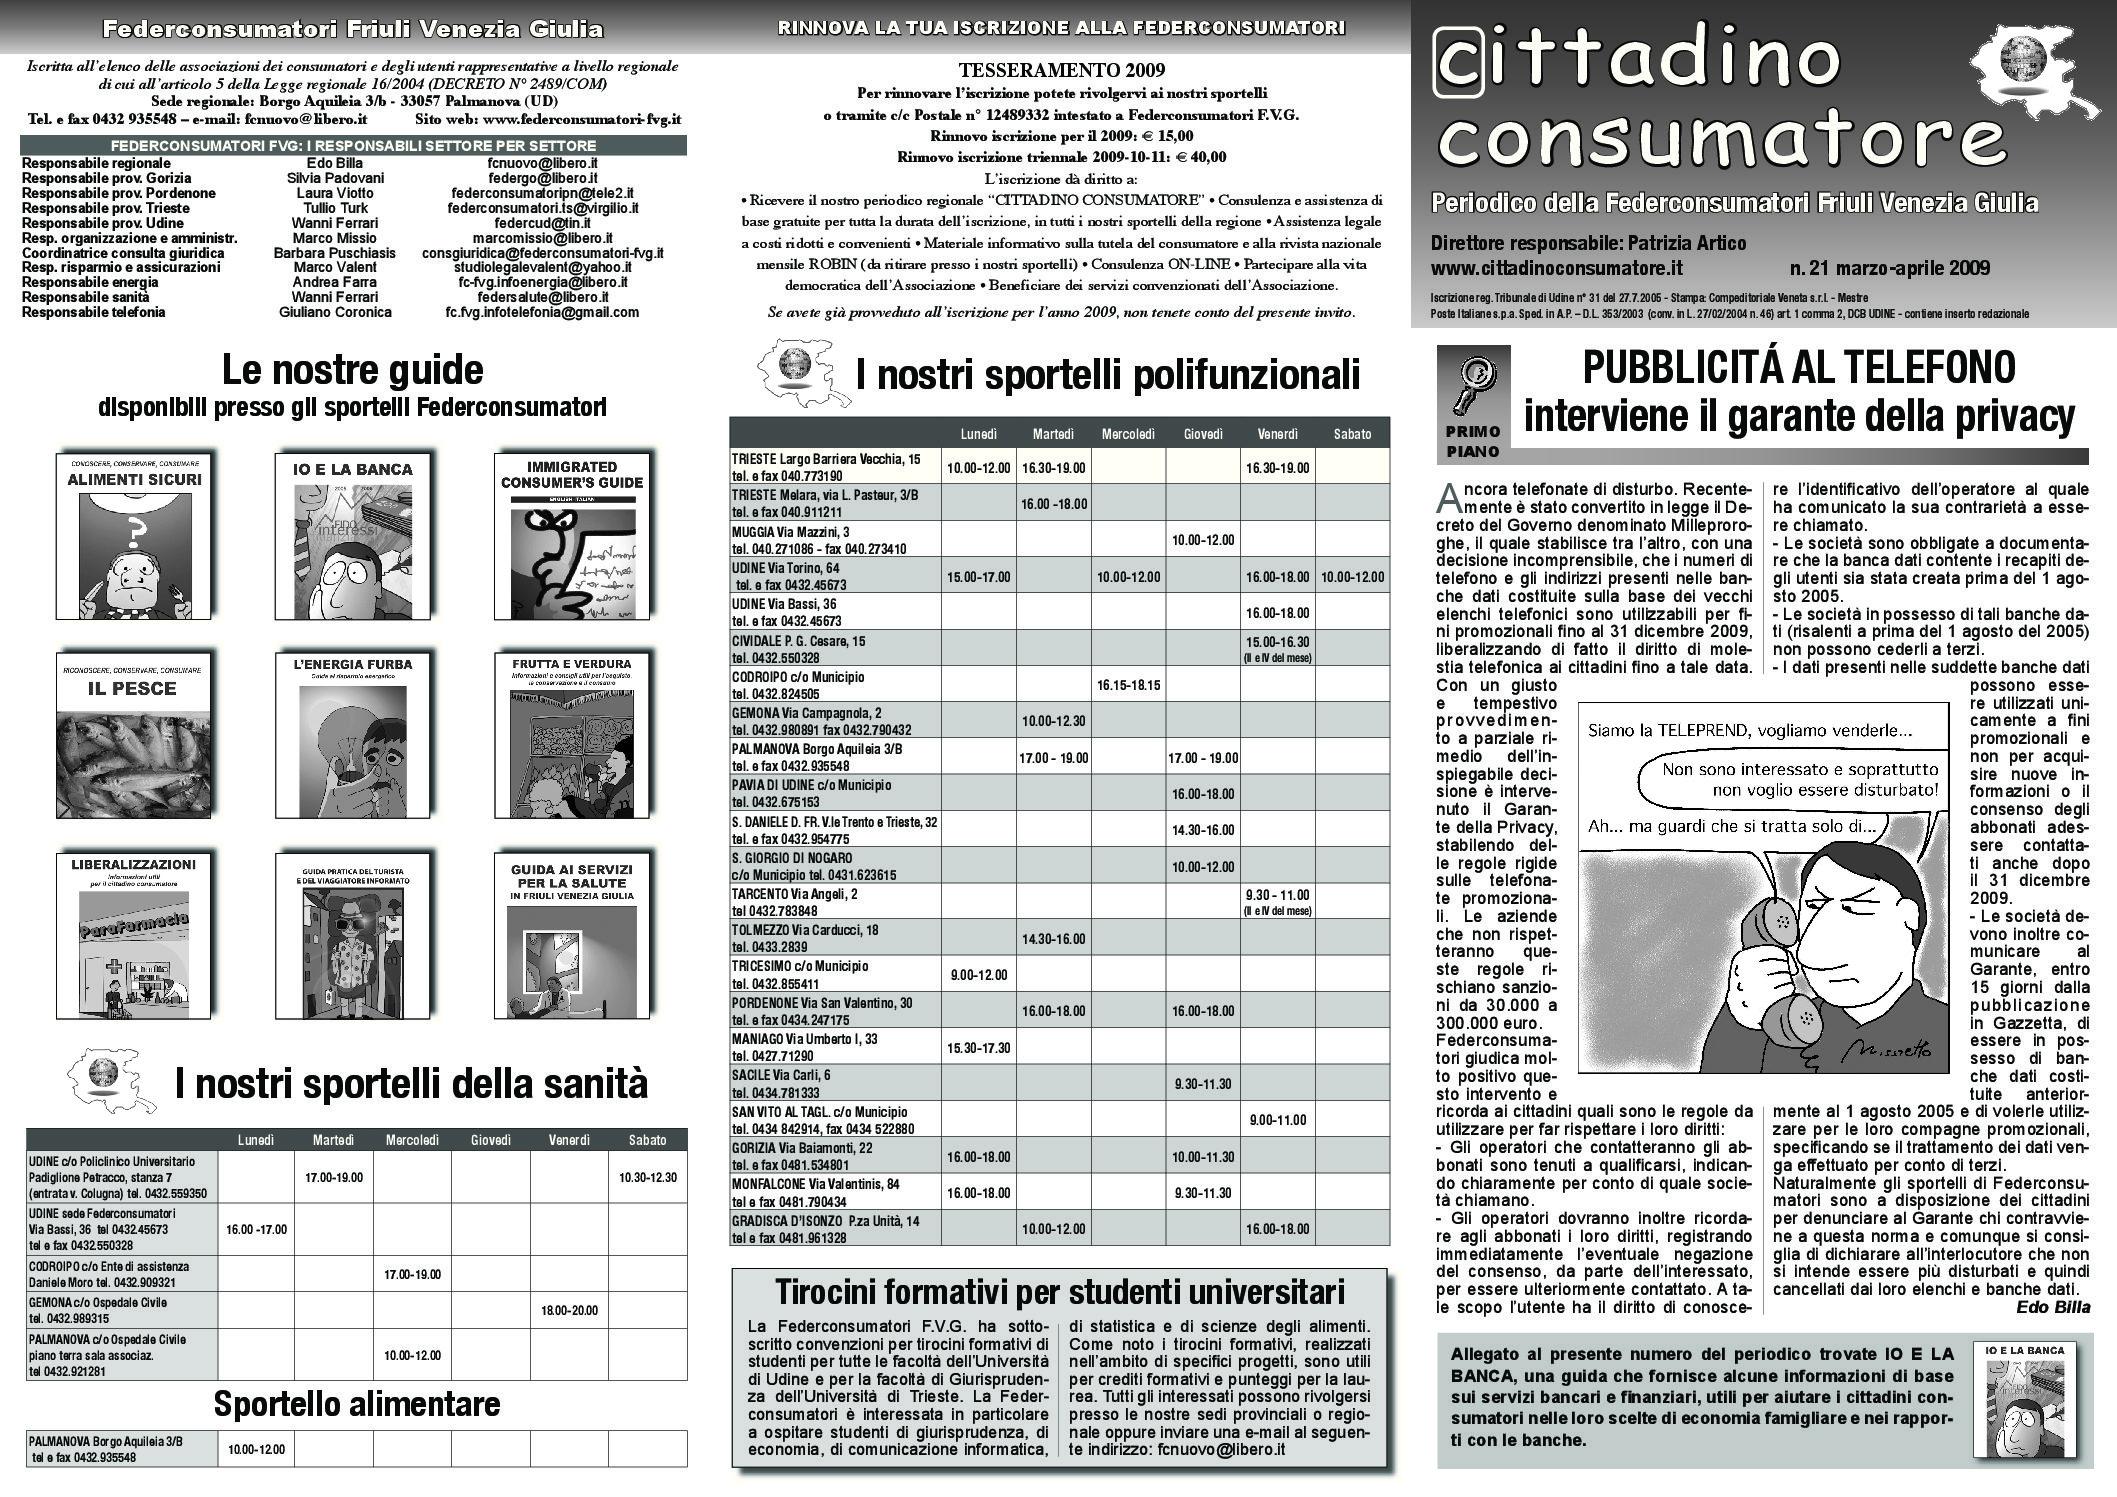 Cittadino Consumatore num. 21 (mar.-apr. 2009)